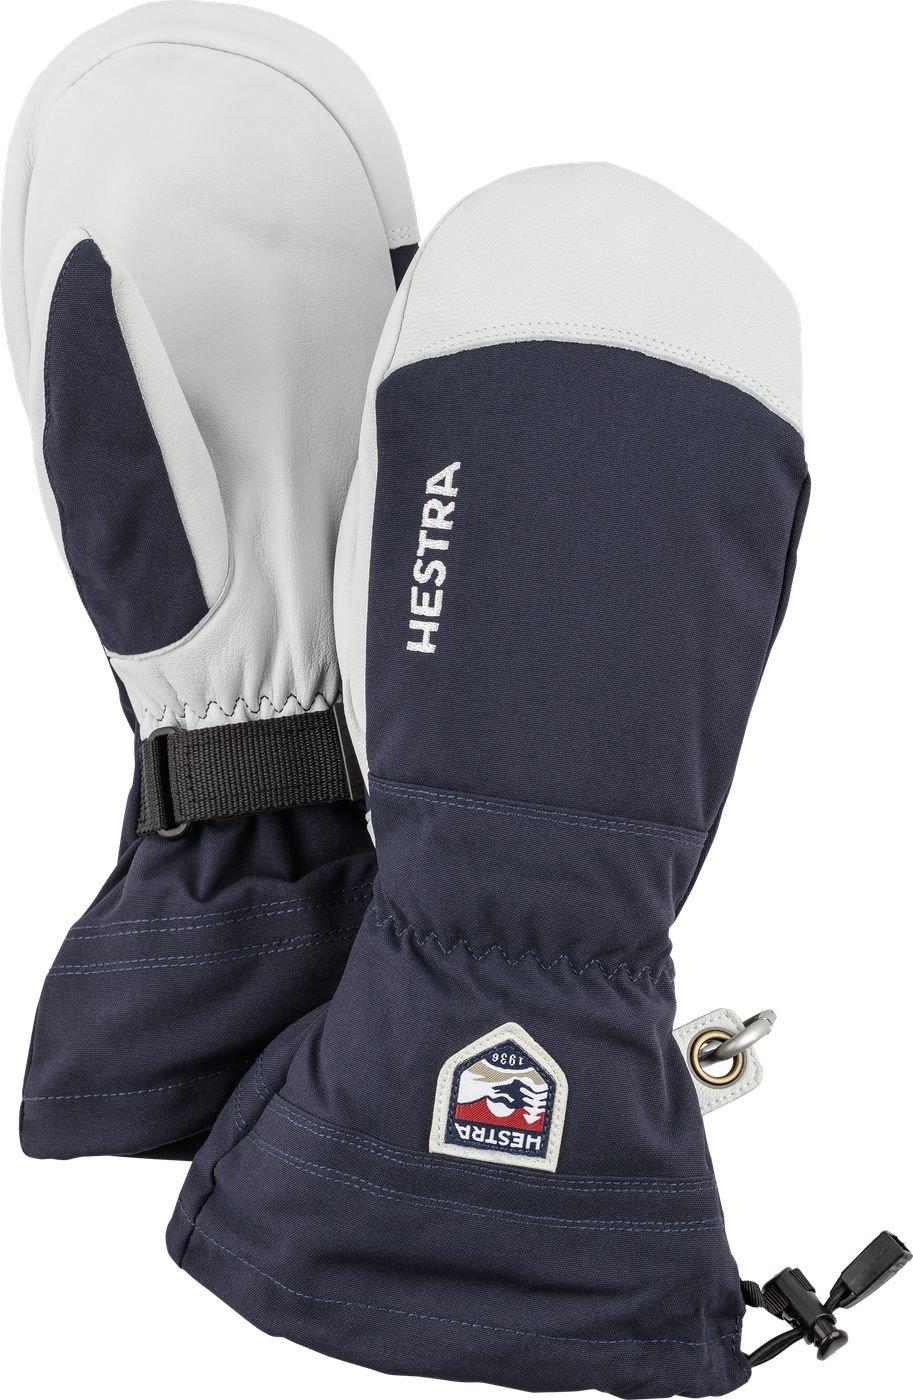 Hestra Armee-Handschuhe für Ski- und Kältewetter